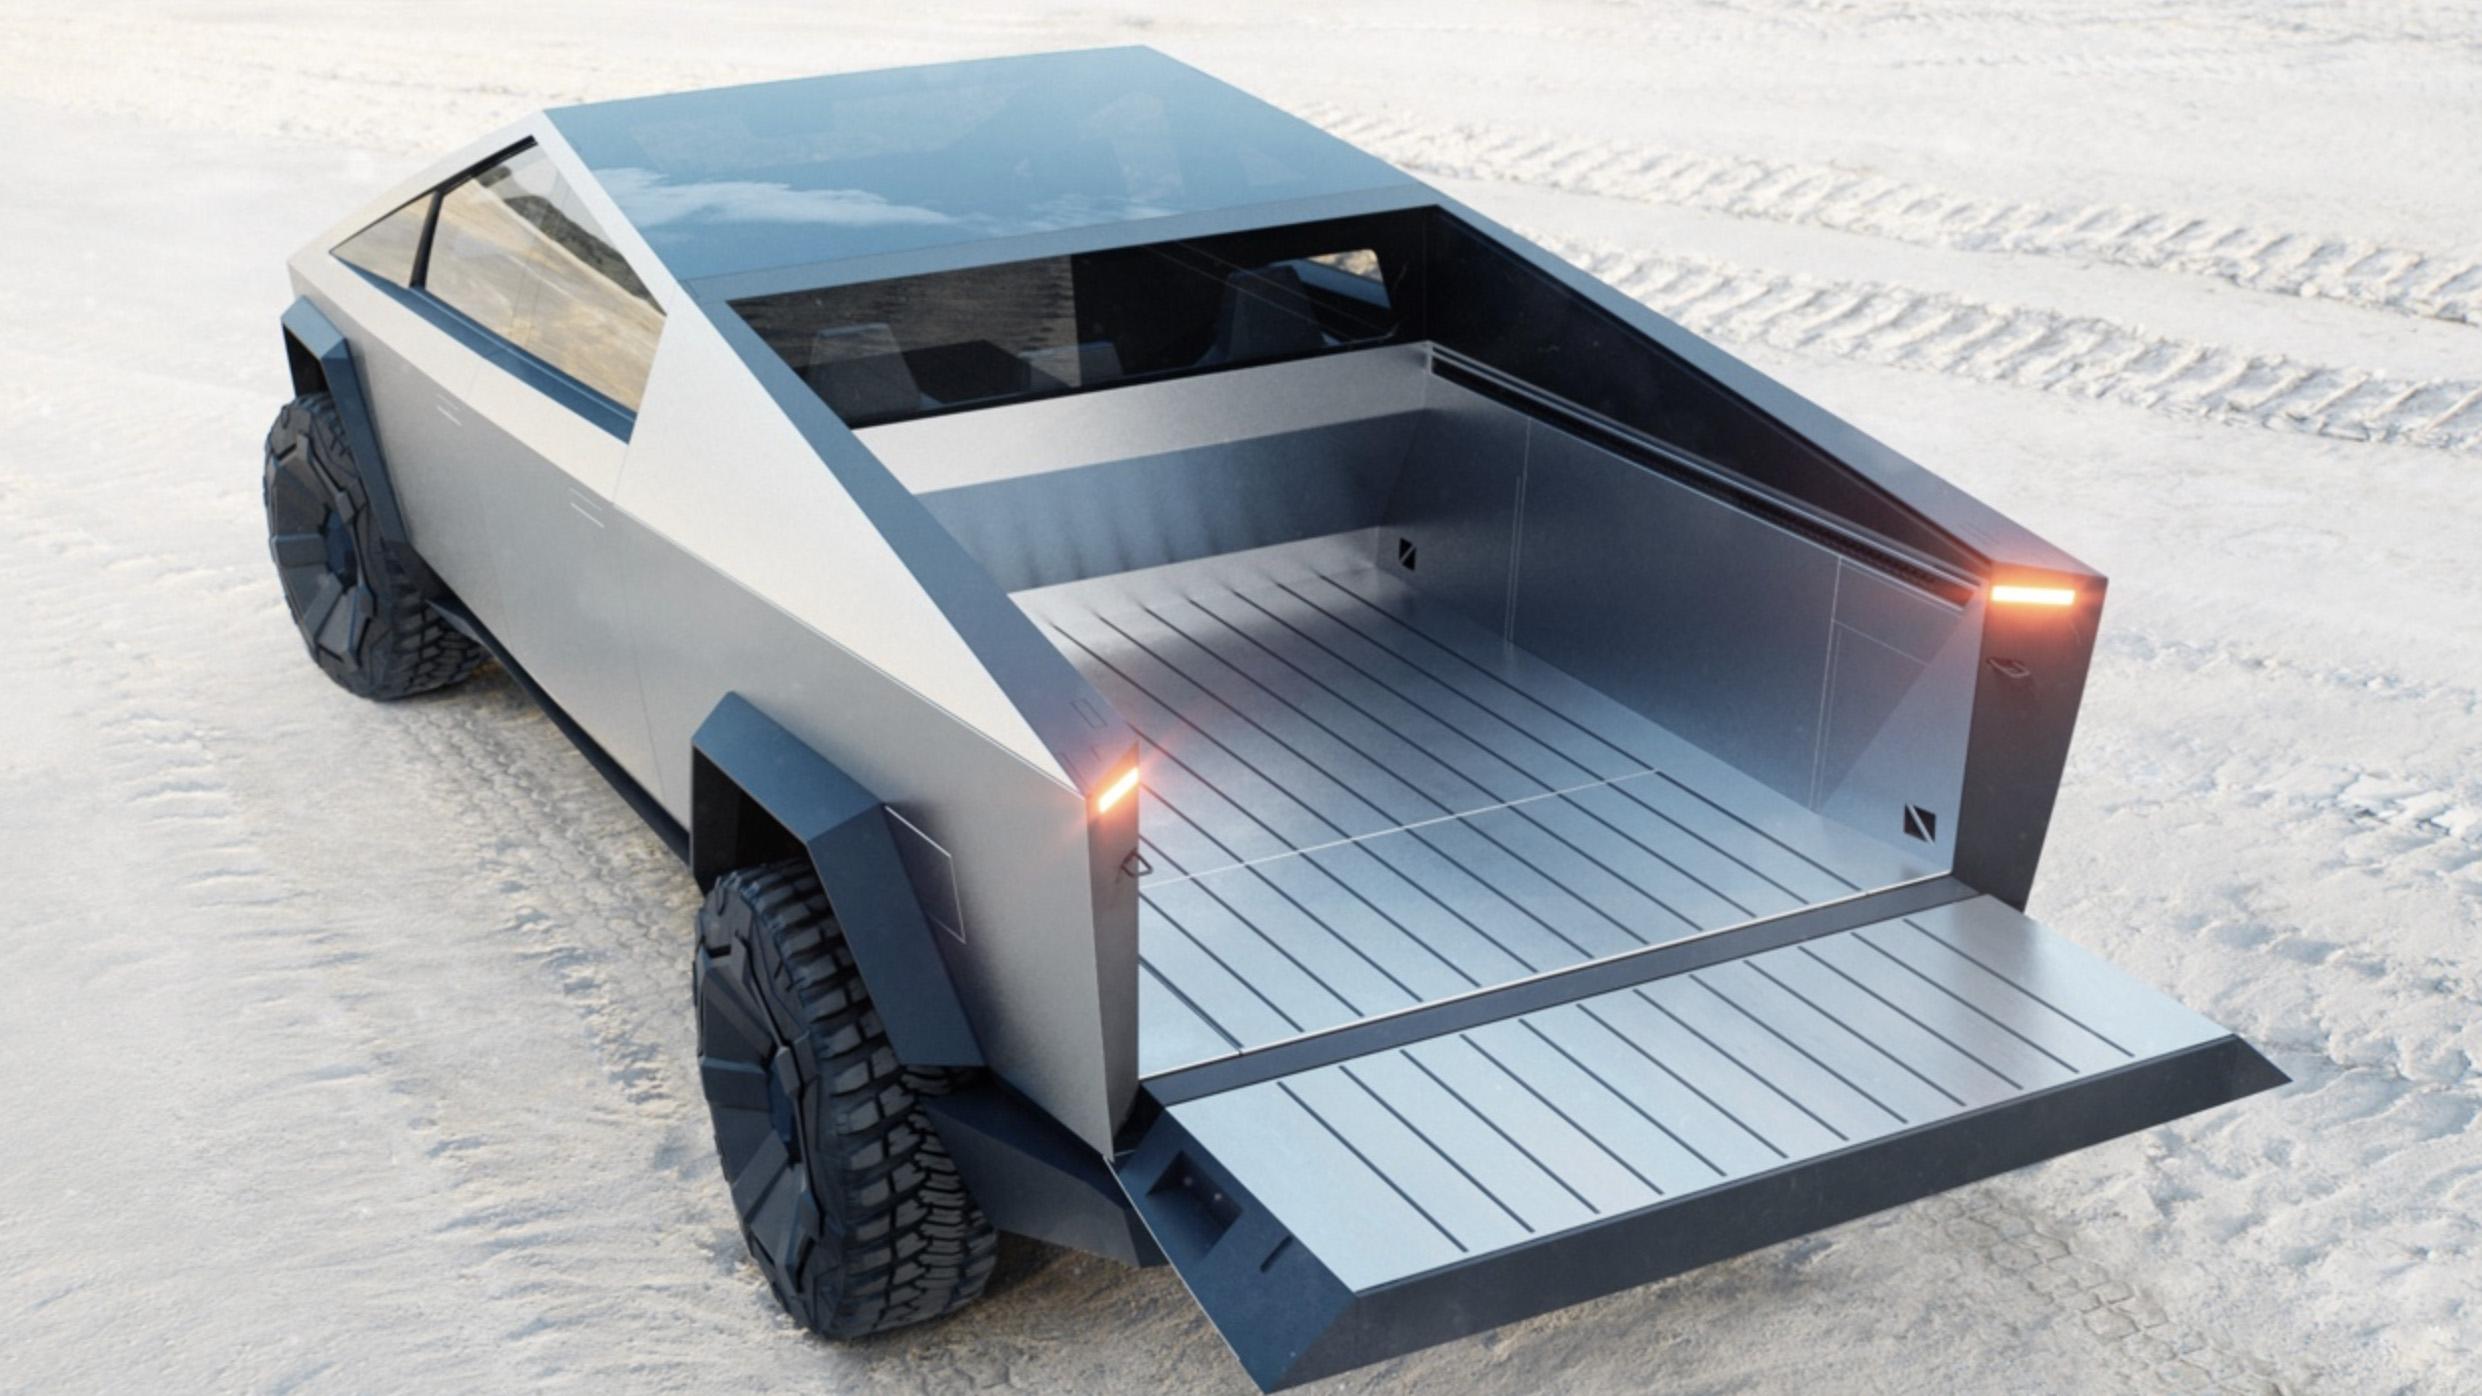 Tesla Cybertruck debuts, with 500-mile range